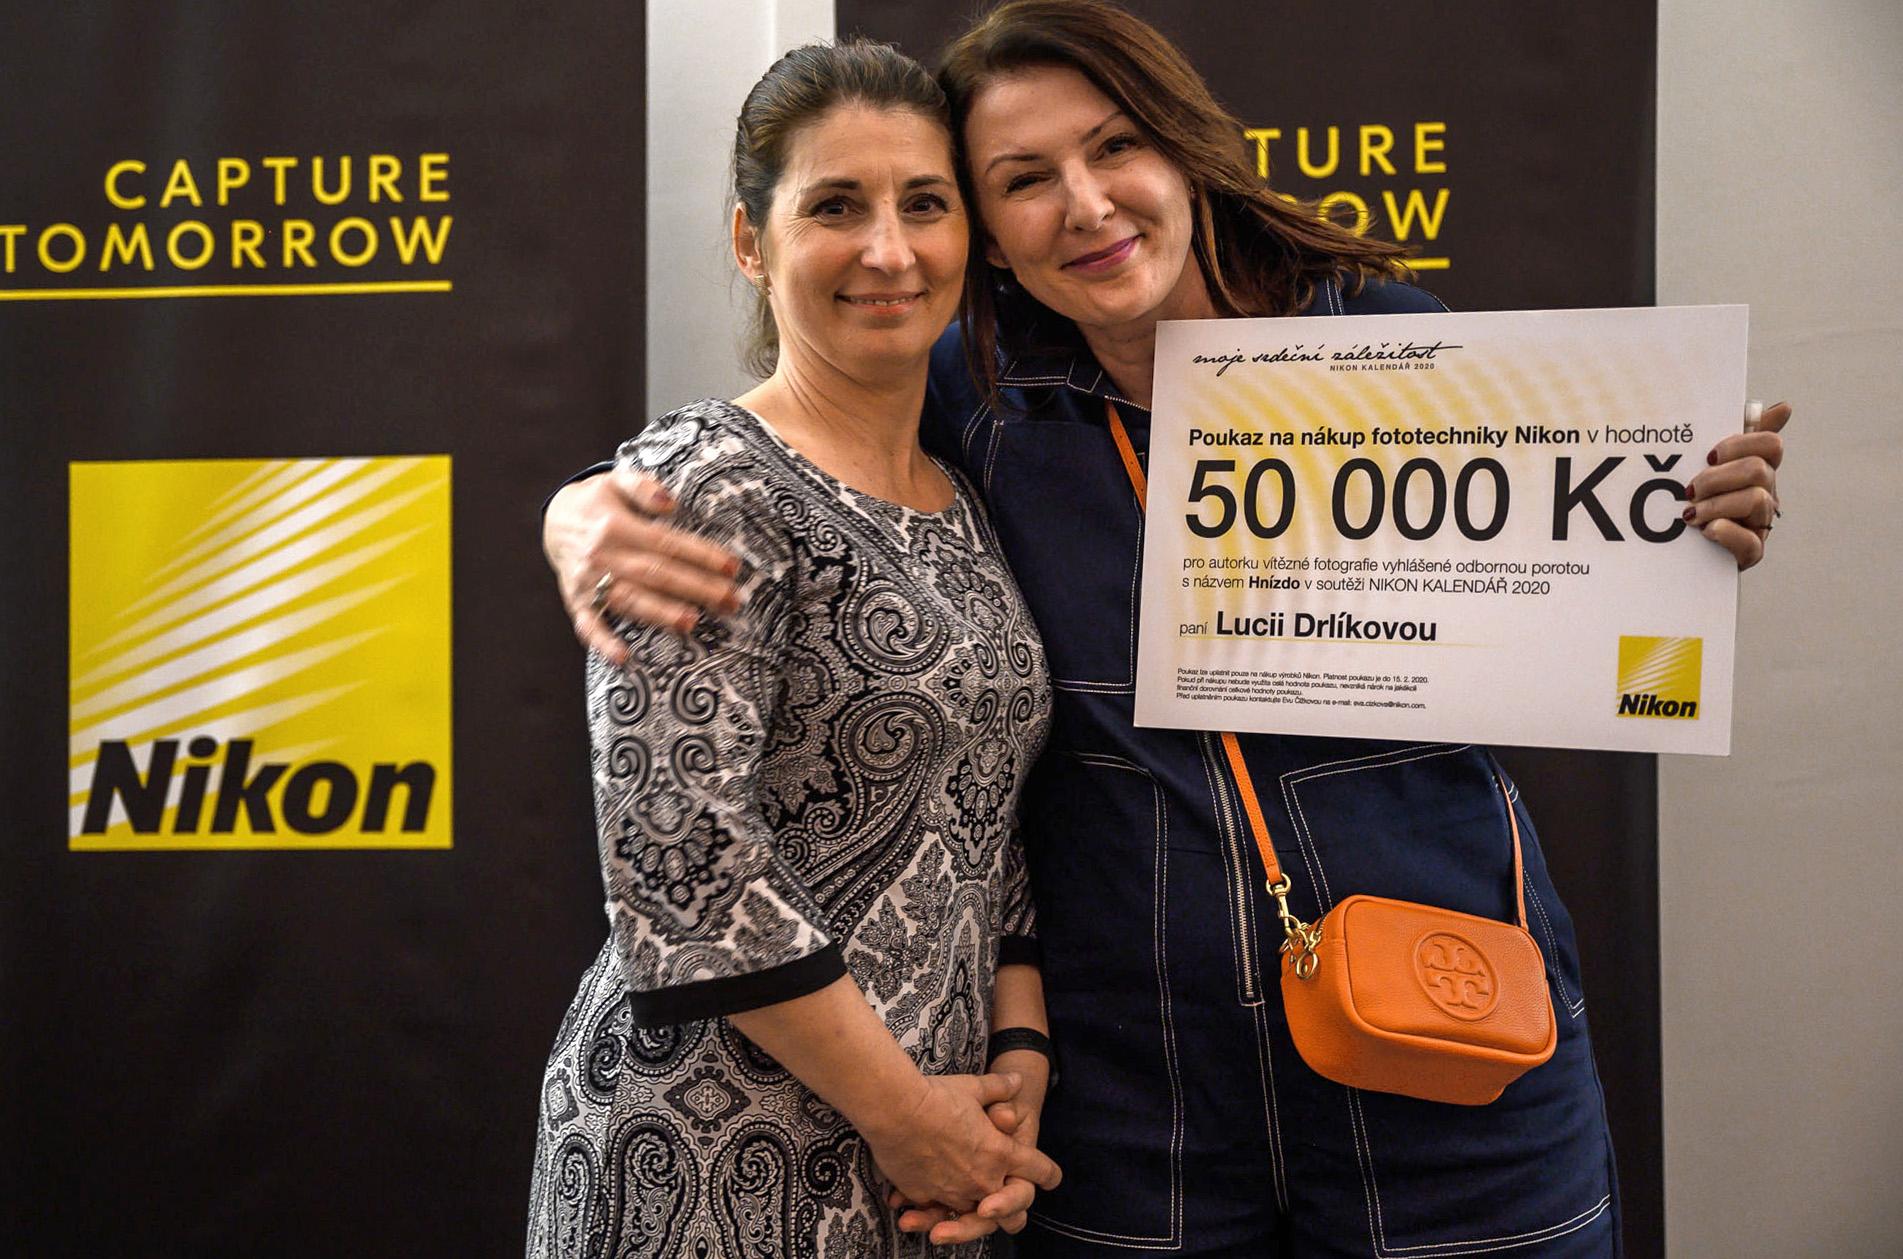 Šťastná vítězka Nikon kalendáře 2020 Lucie Drlíková s marketingovou ředitelkou Nikonu Evou Čížkovou